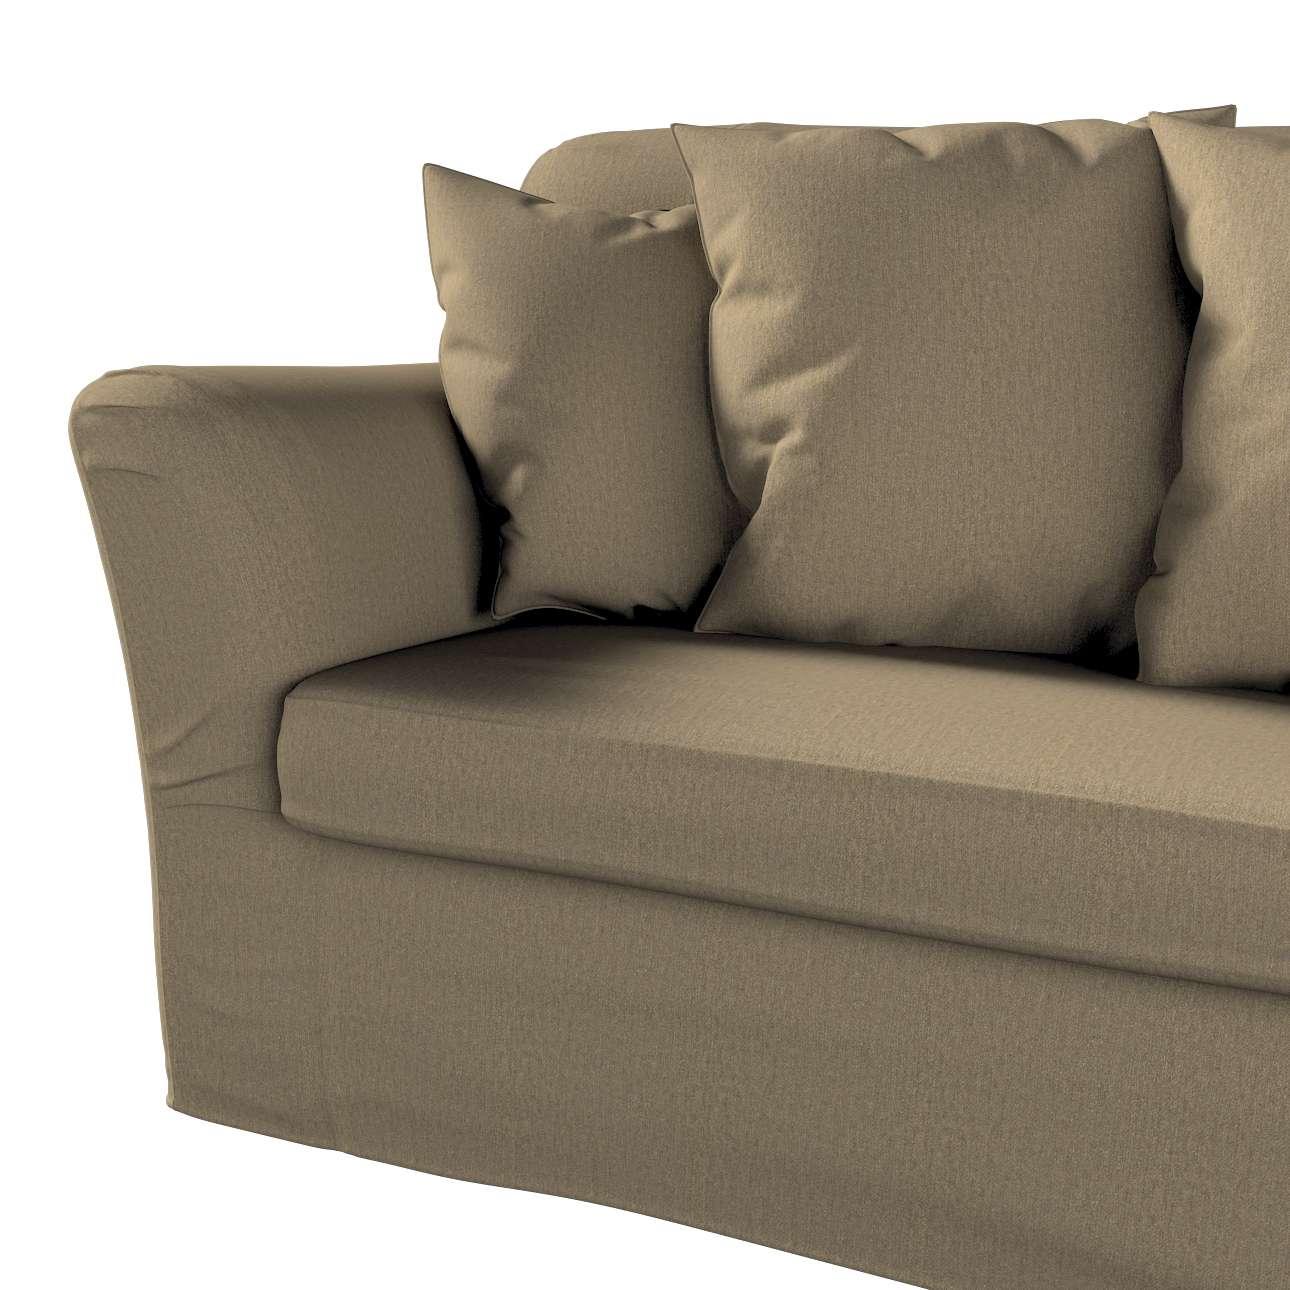 Pokrowiec na sofę Tomelilla 3-osobową rozkładaną w kolekcji Chenille, tkanina: 702-21